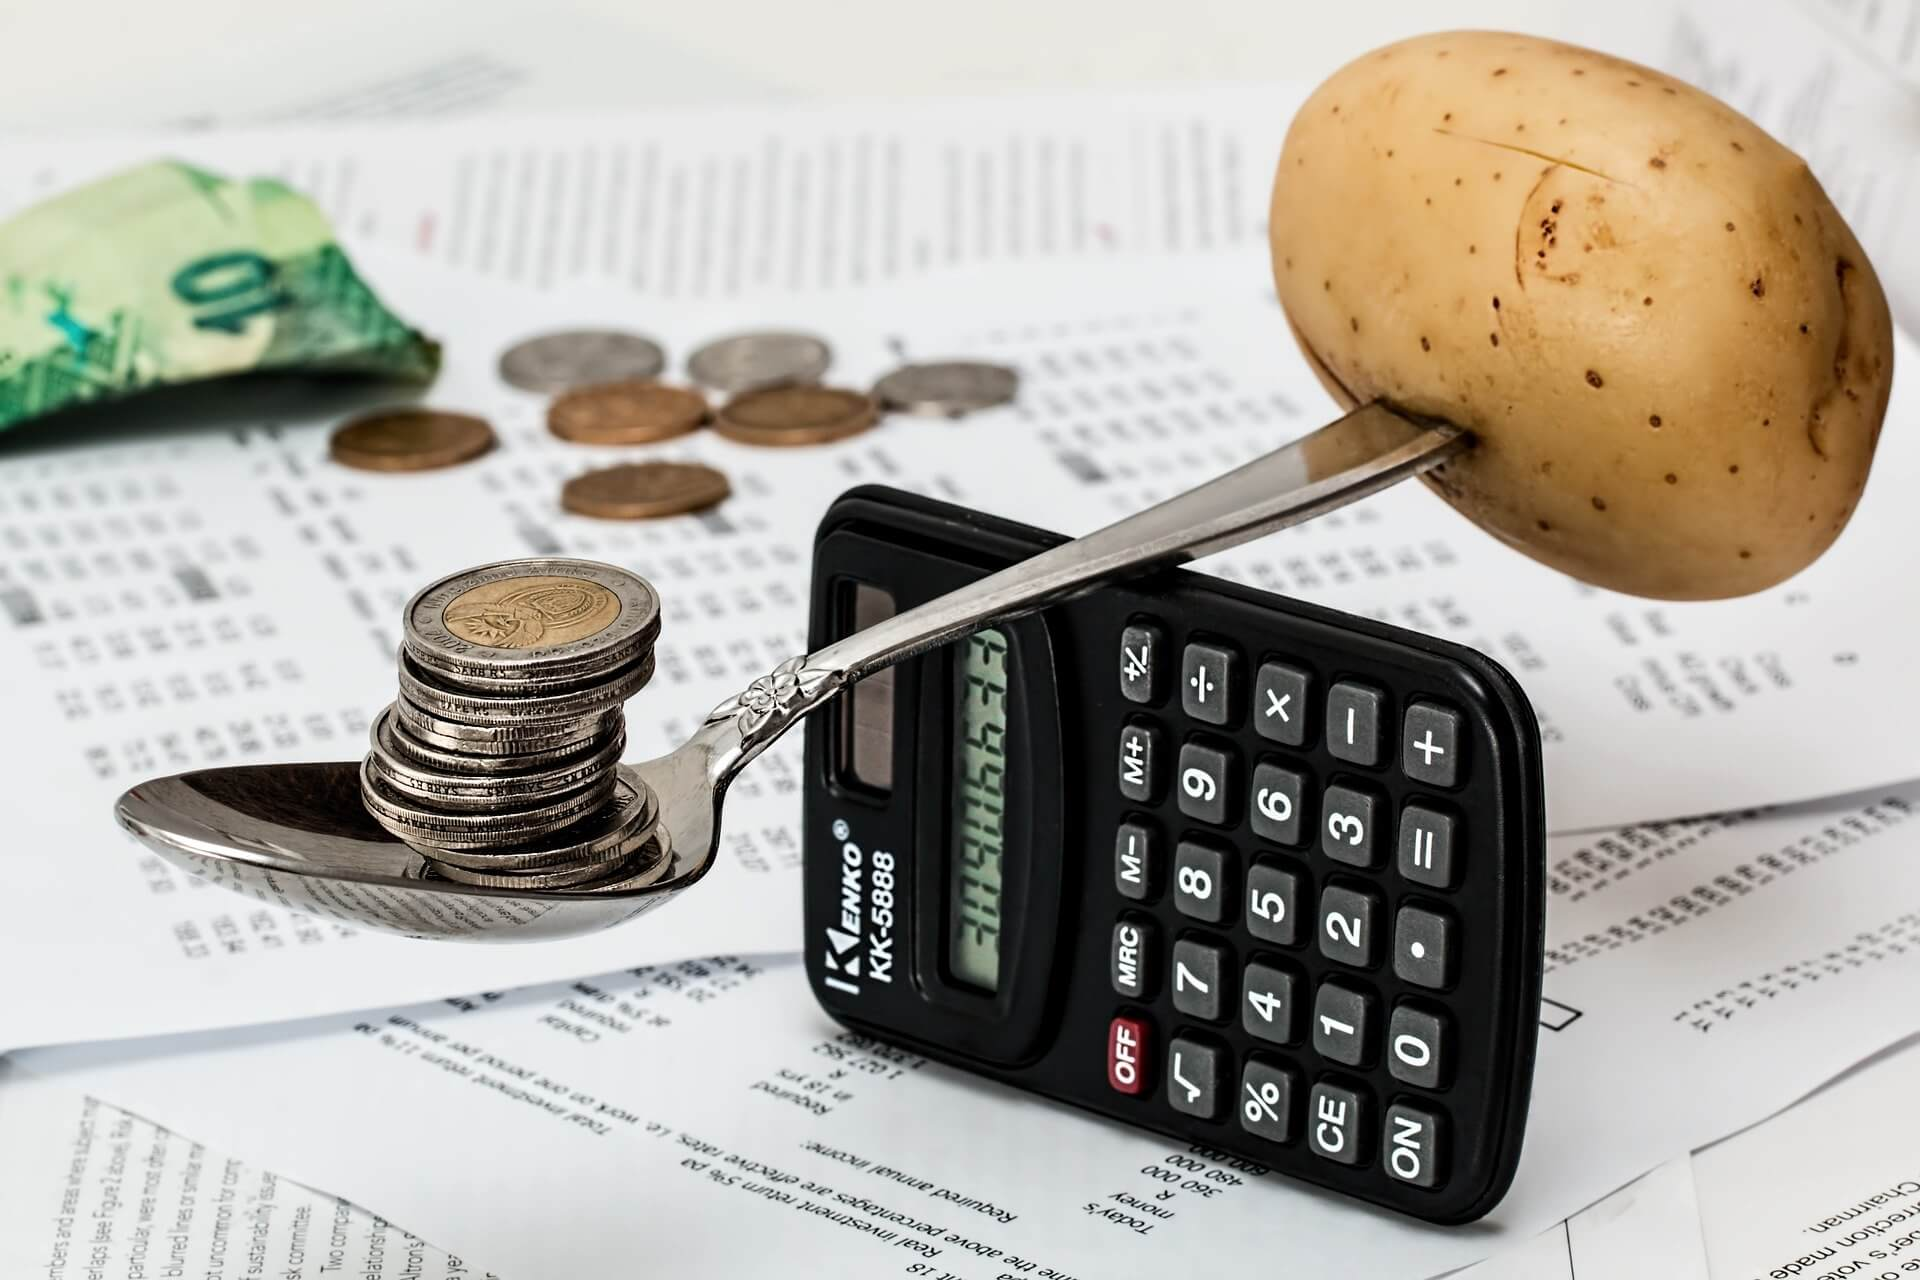 תכנון פיננסי ומימון יצירתי - עושים נדלן